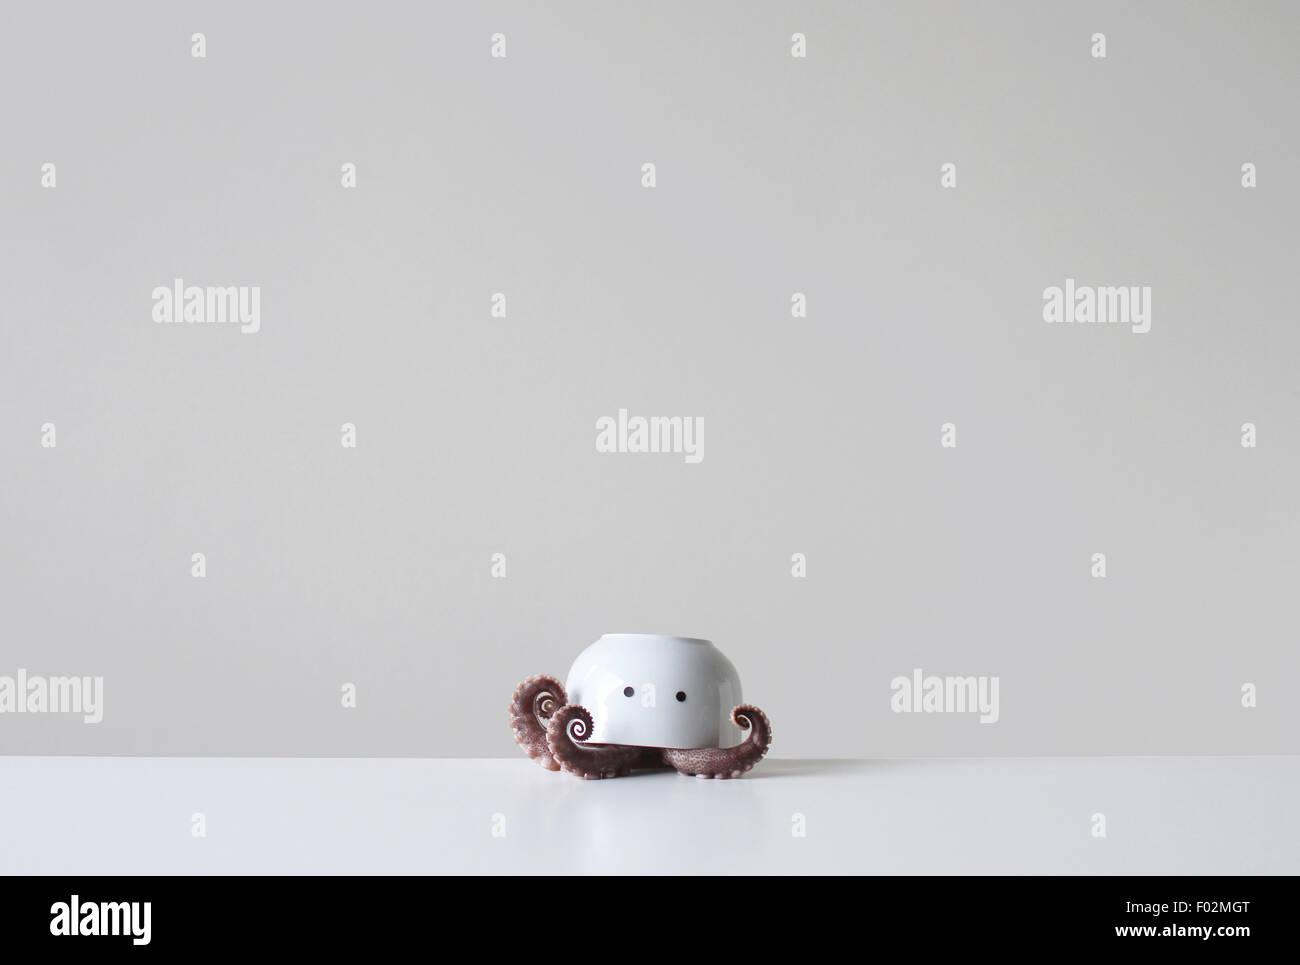 Tintenfisch Tentakeln unter eine Upside-down Schüssel mit zwei Augen Stockbild